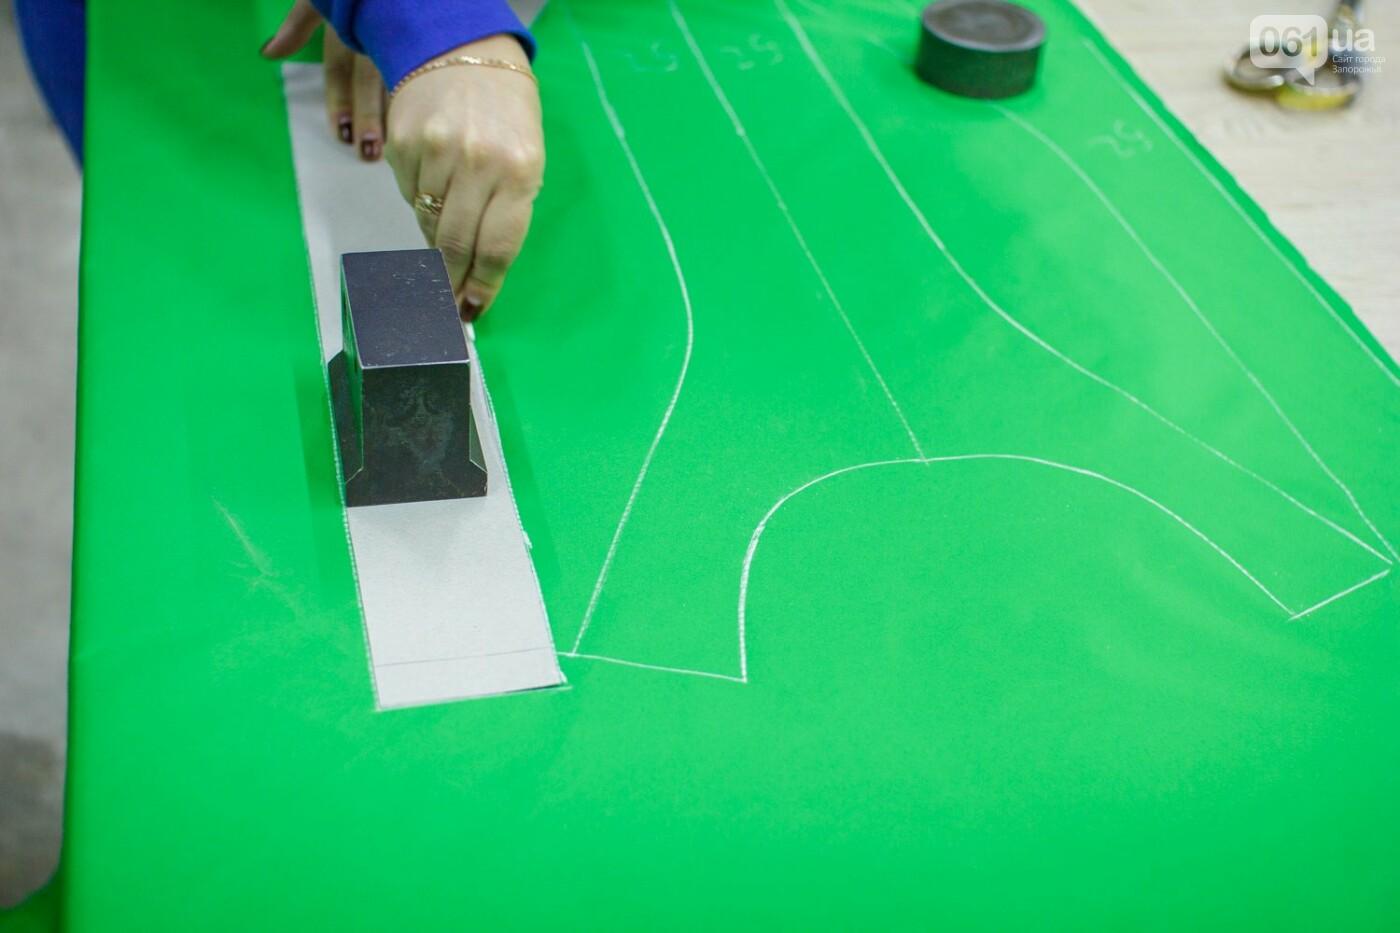 Как в Запорожье шьют мужское белье: экскурсия на трикотажную фабрику, – ФОТОРЕПОРТАЖ, фото-23